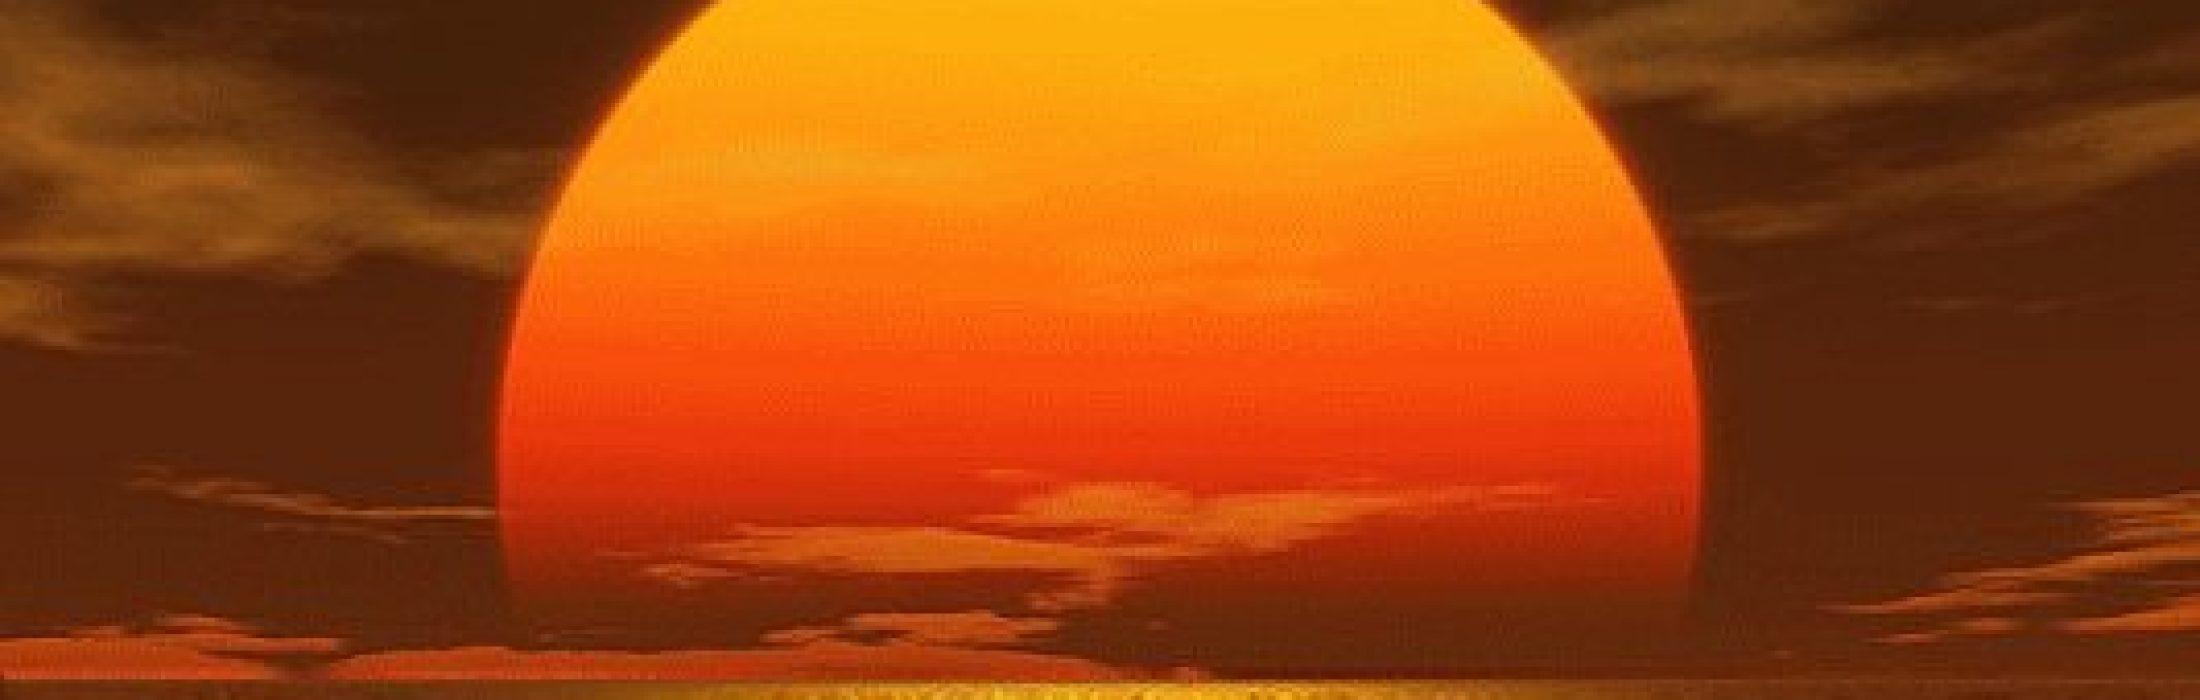 Sol en el mar